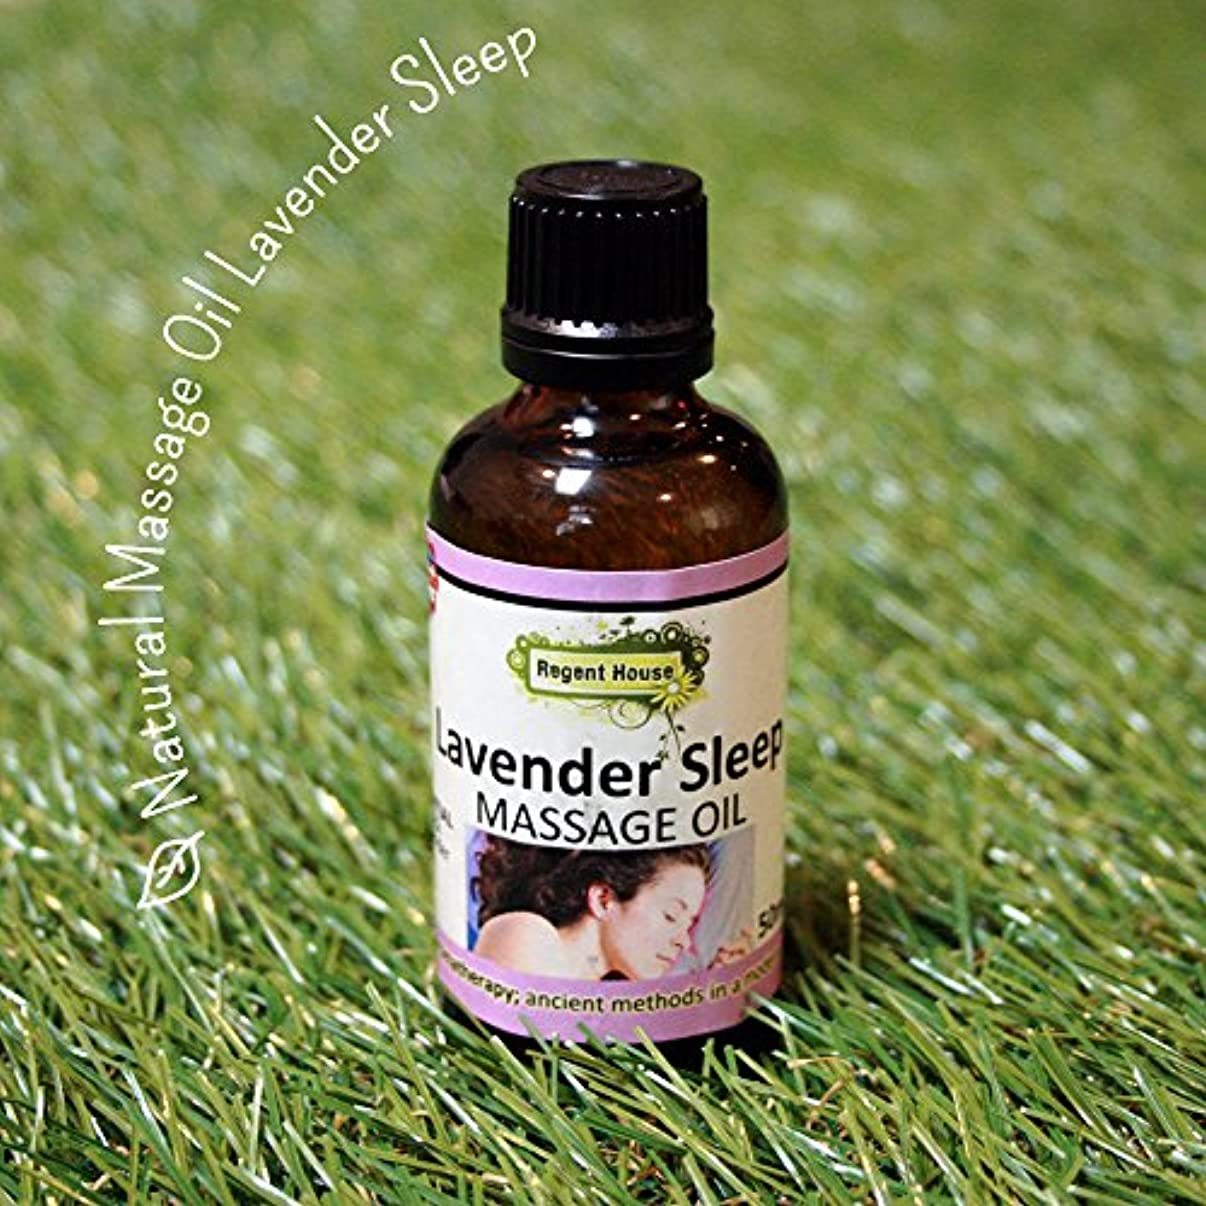 寄託作成者給料フランス産のオーガニックラベンダーのみの、贅沢オイル。 アロマ ナチュラル マッサージオイル 50ml ラベンダースリープ(Aroma Massage Oil Lavender Sleep)